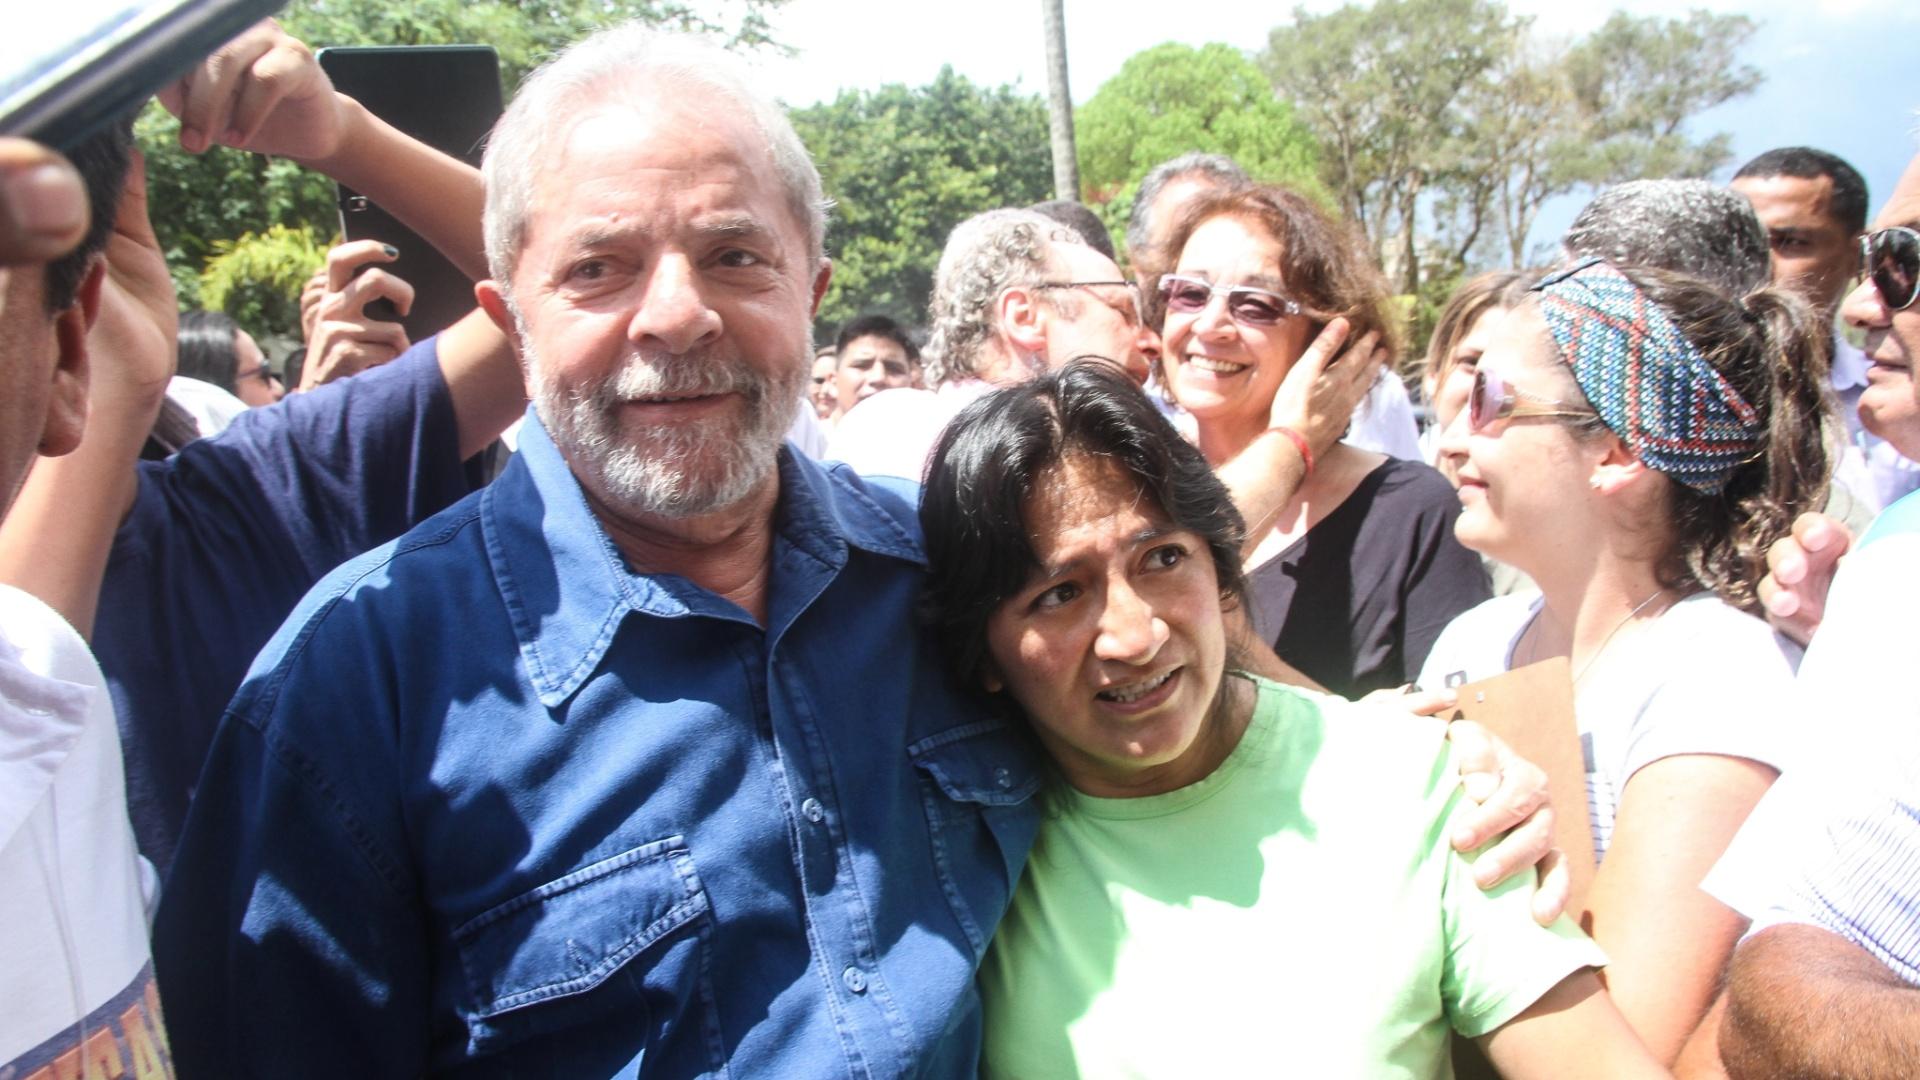 24.jan.2015 - O ex-presidente Luiz Inácio Lula da Silva visitou na tarde deste sábado a Festa de Alasitas, em São Paulo. O evento da comunidade boliviana segue o costume milenar andino e é a celebração em louvor a Ekeko, o deus da abundância